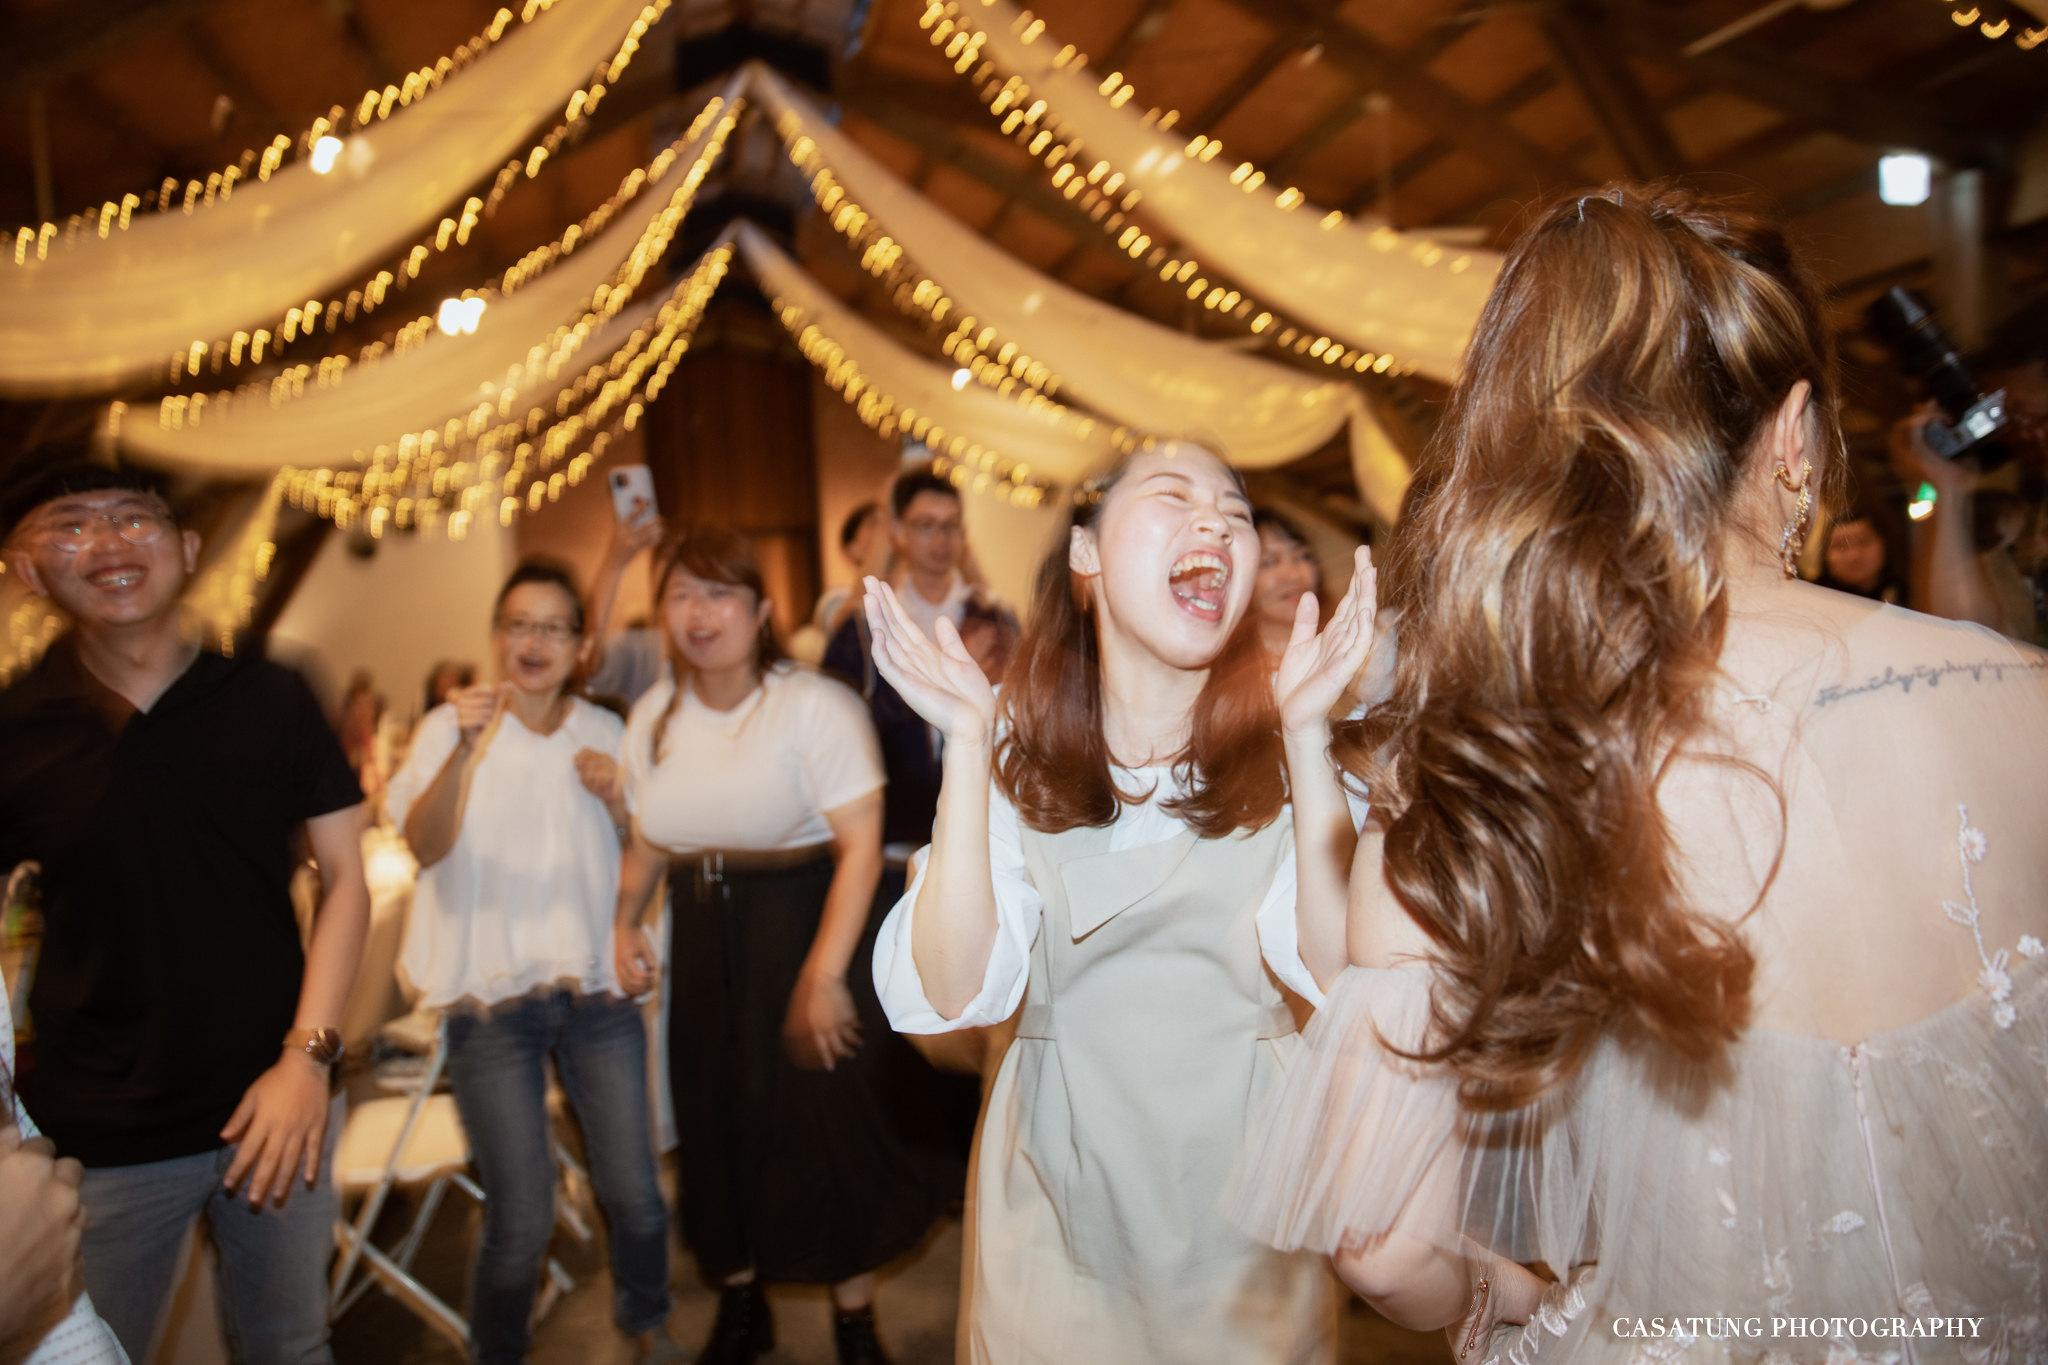 顏氏牧場婚禮,台中婚攝casa,旋轉木馬-125